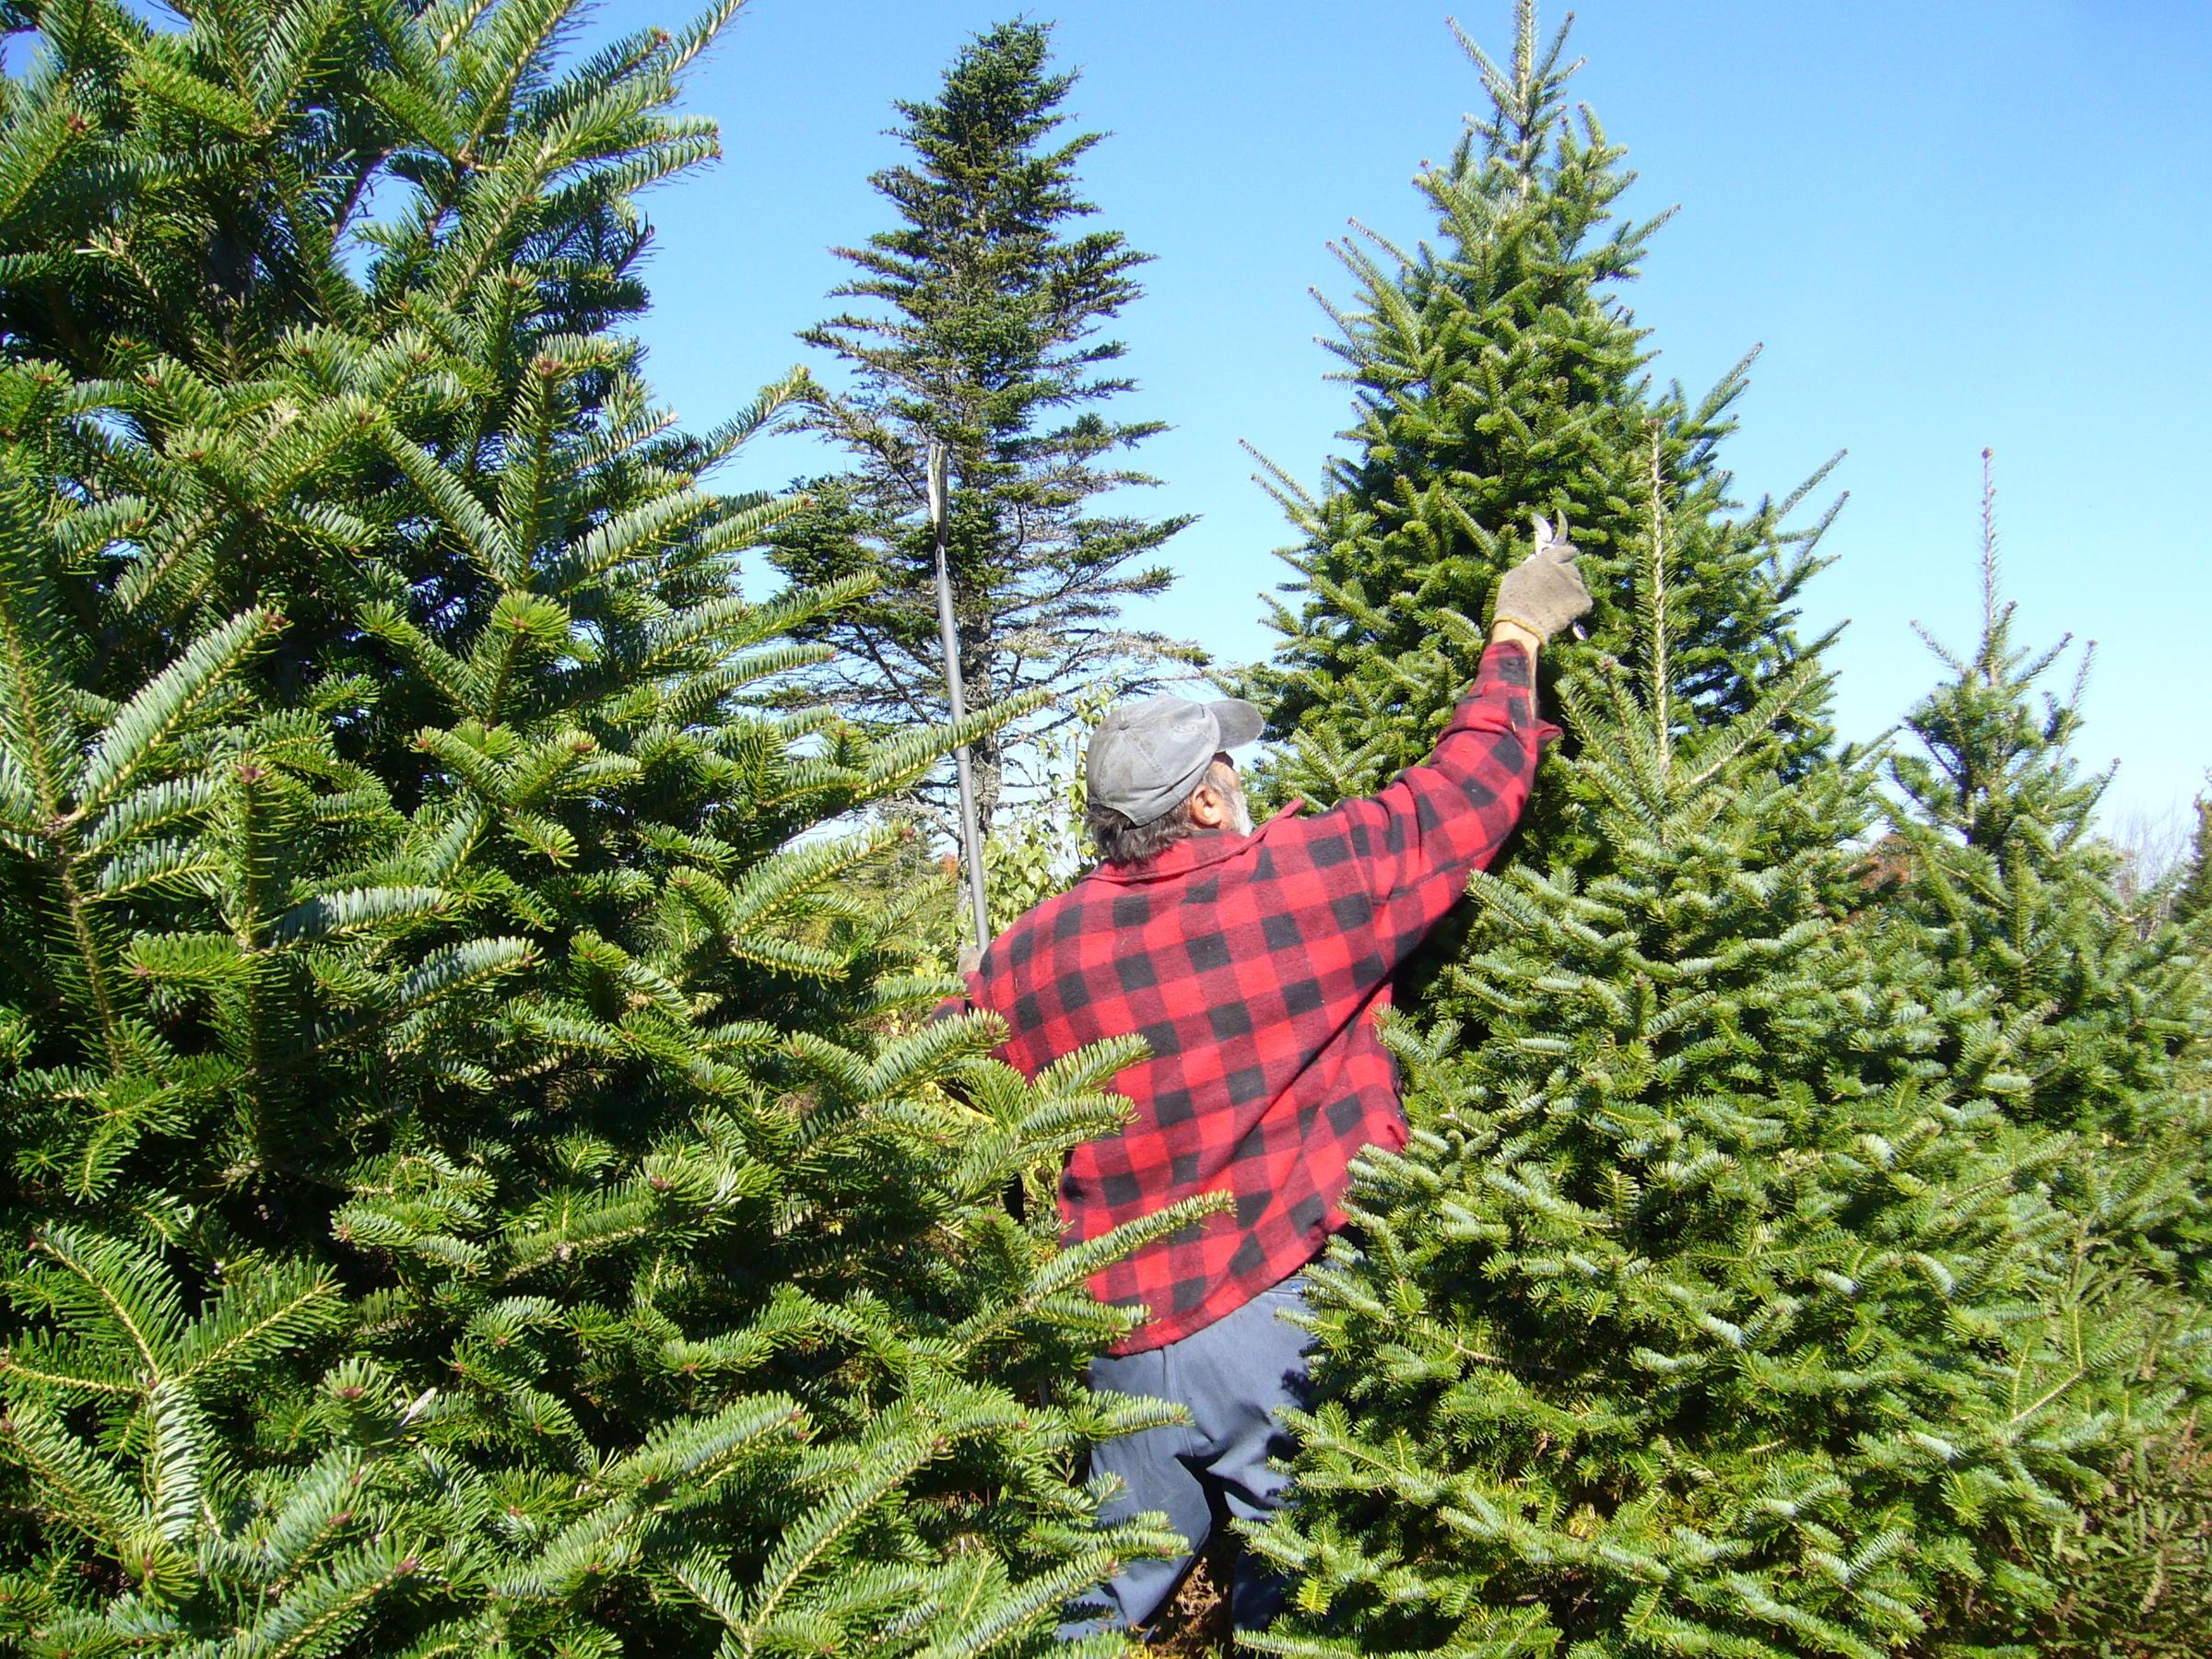 Balsam Fir Christmas Tree Pruning